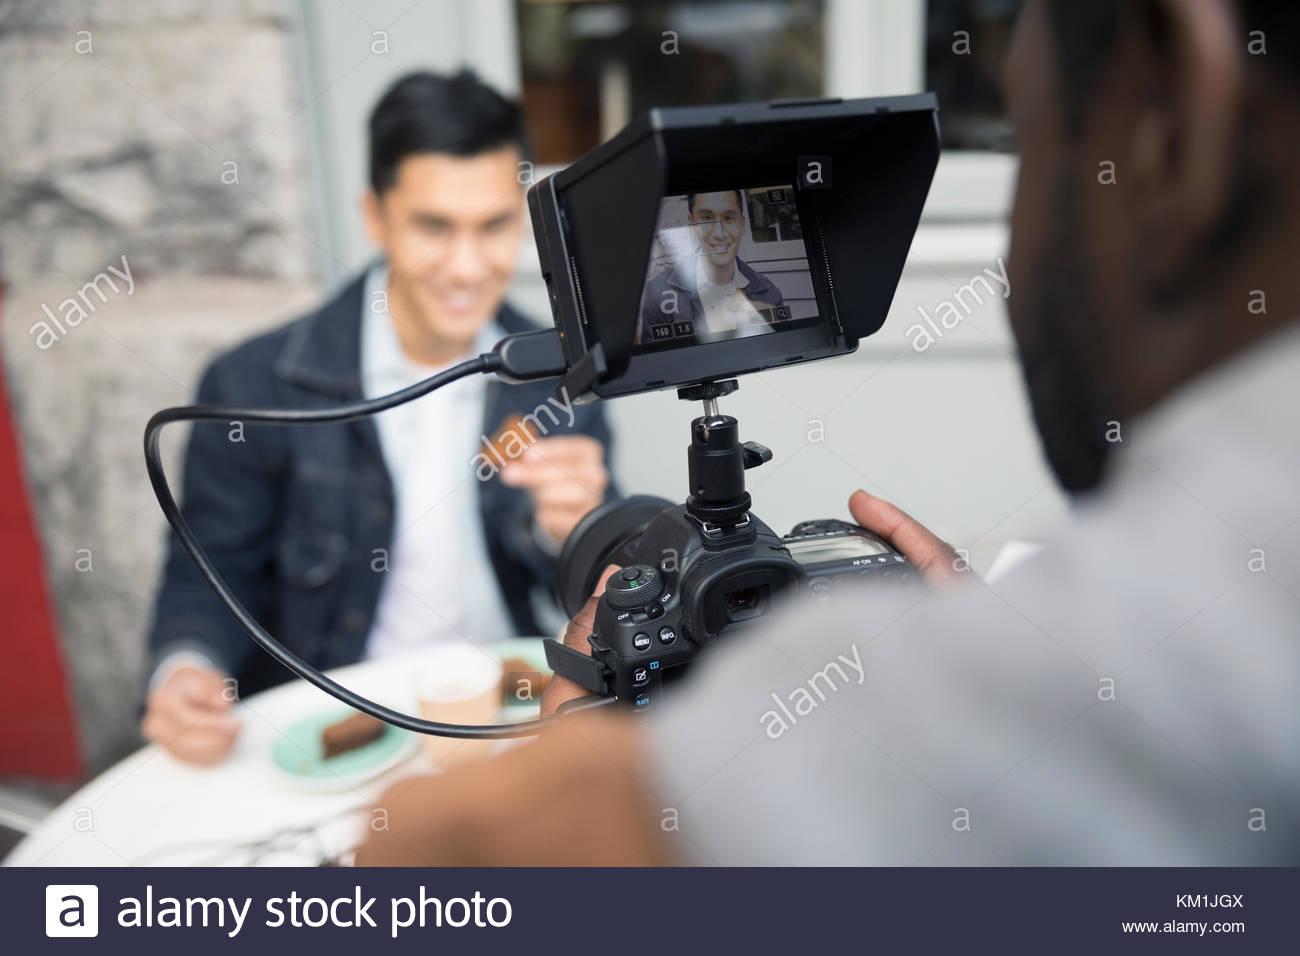 L'uomo, vlogging filmare amico di mangiare al cafè sul marciapiede con videocamera Immagini Stock